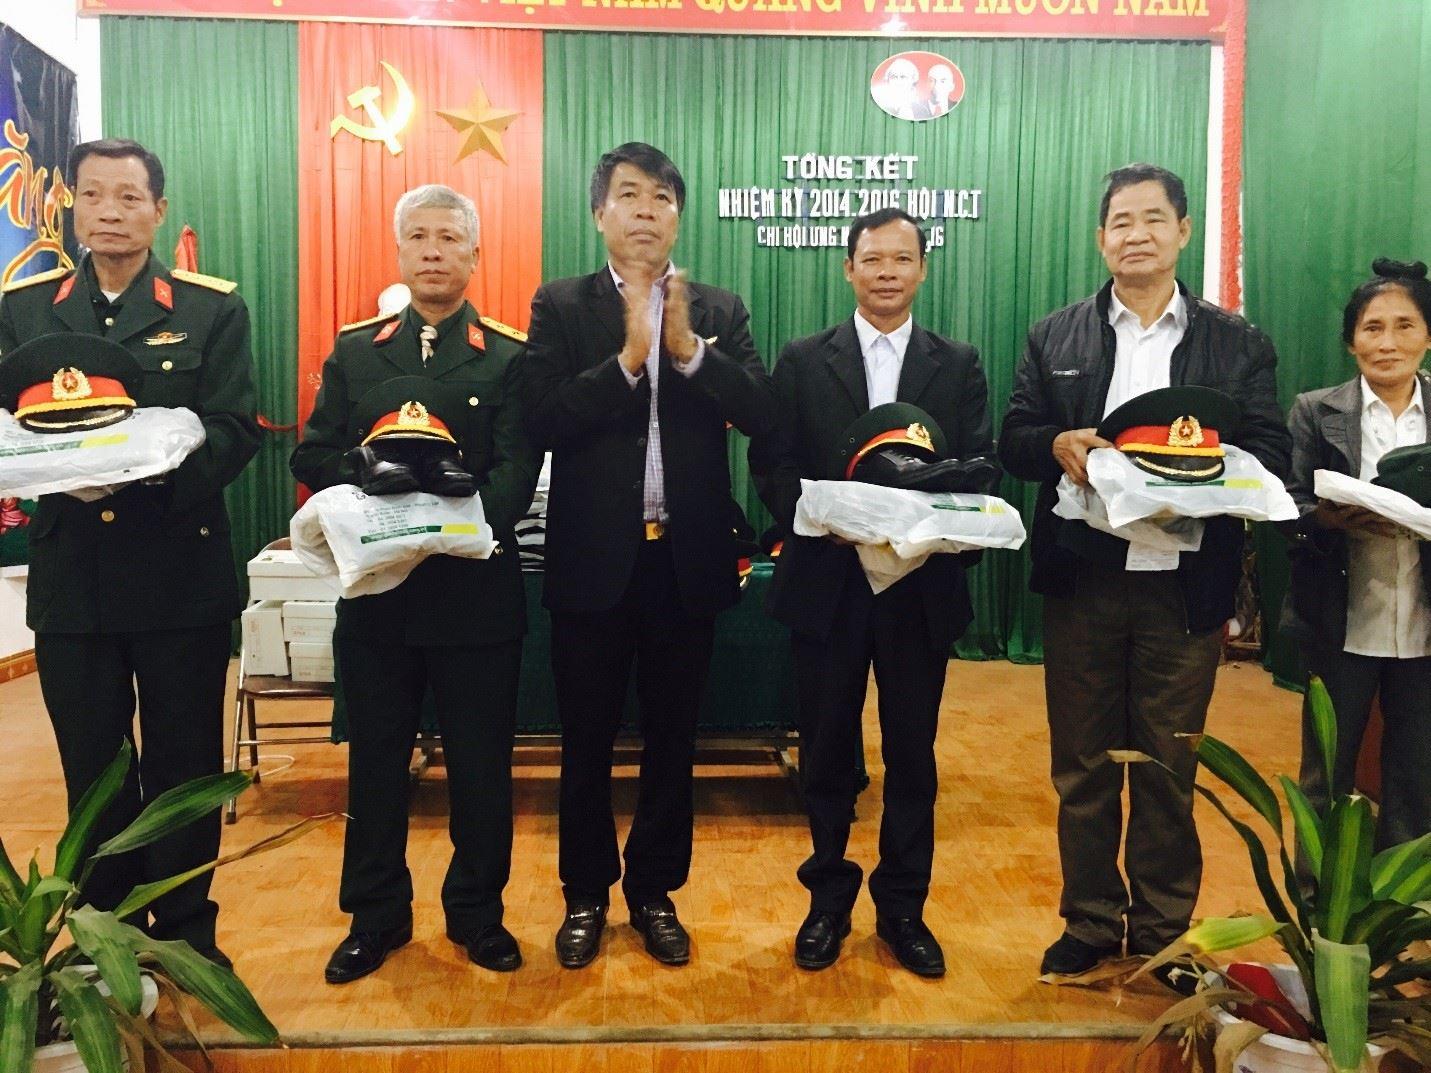 Chủ tịch Hội đồng quản trị kiêm Tổng Giám đốc Vũ Văn Trường tặng quà Chi hội Cựu Chiến binh Tp.Sông Công - T.Thái Nguyên